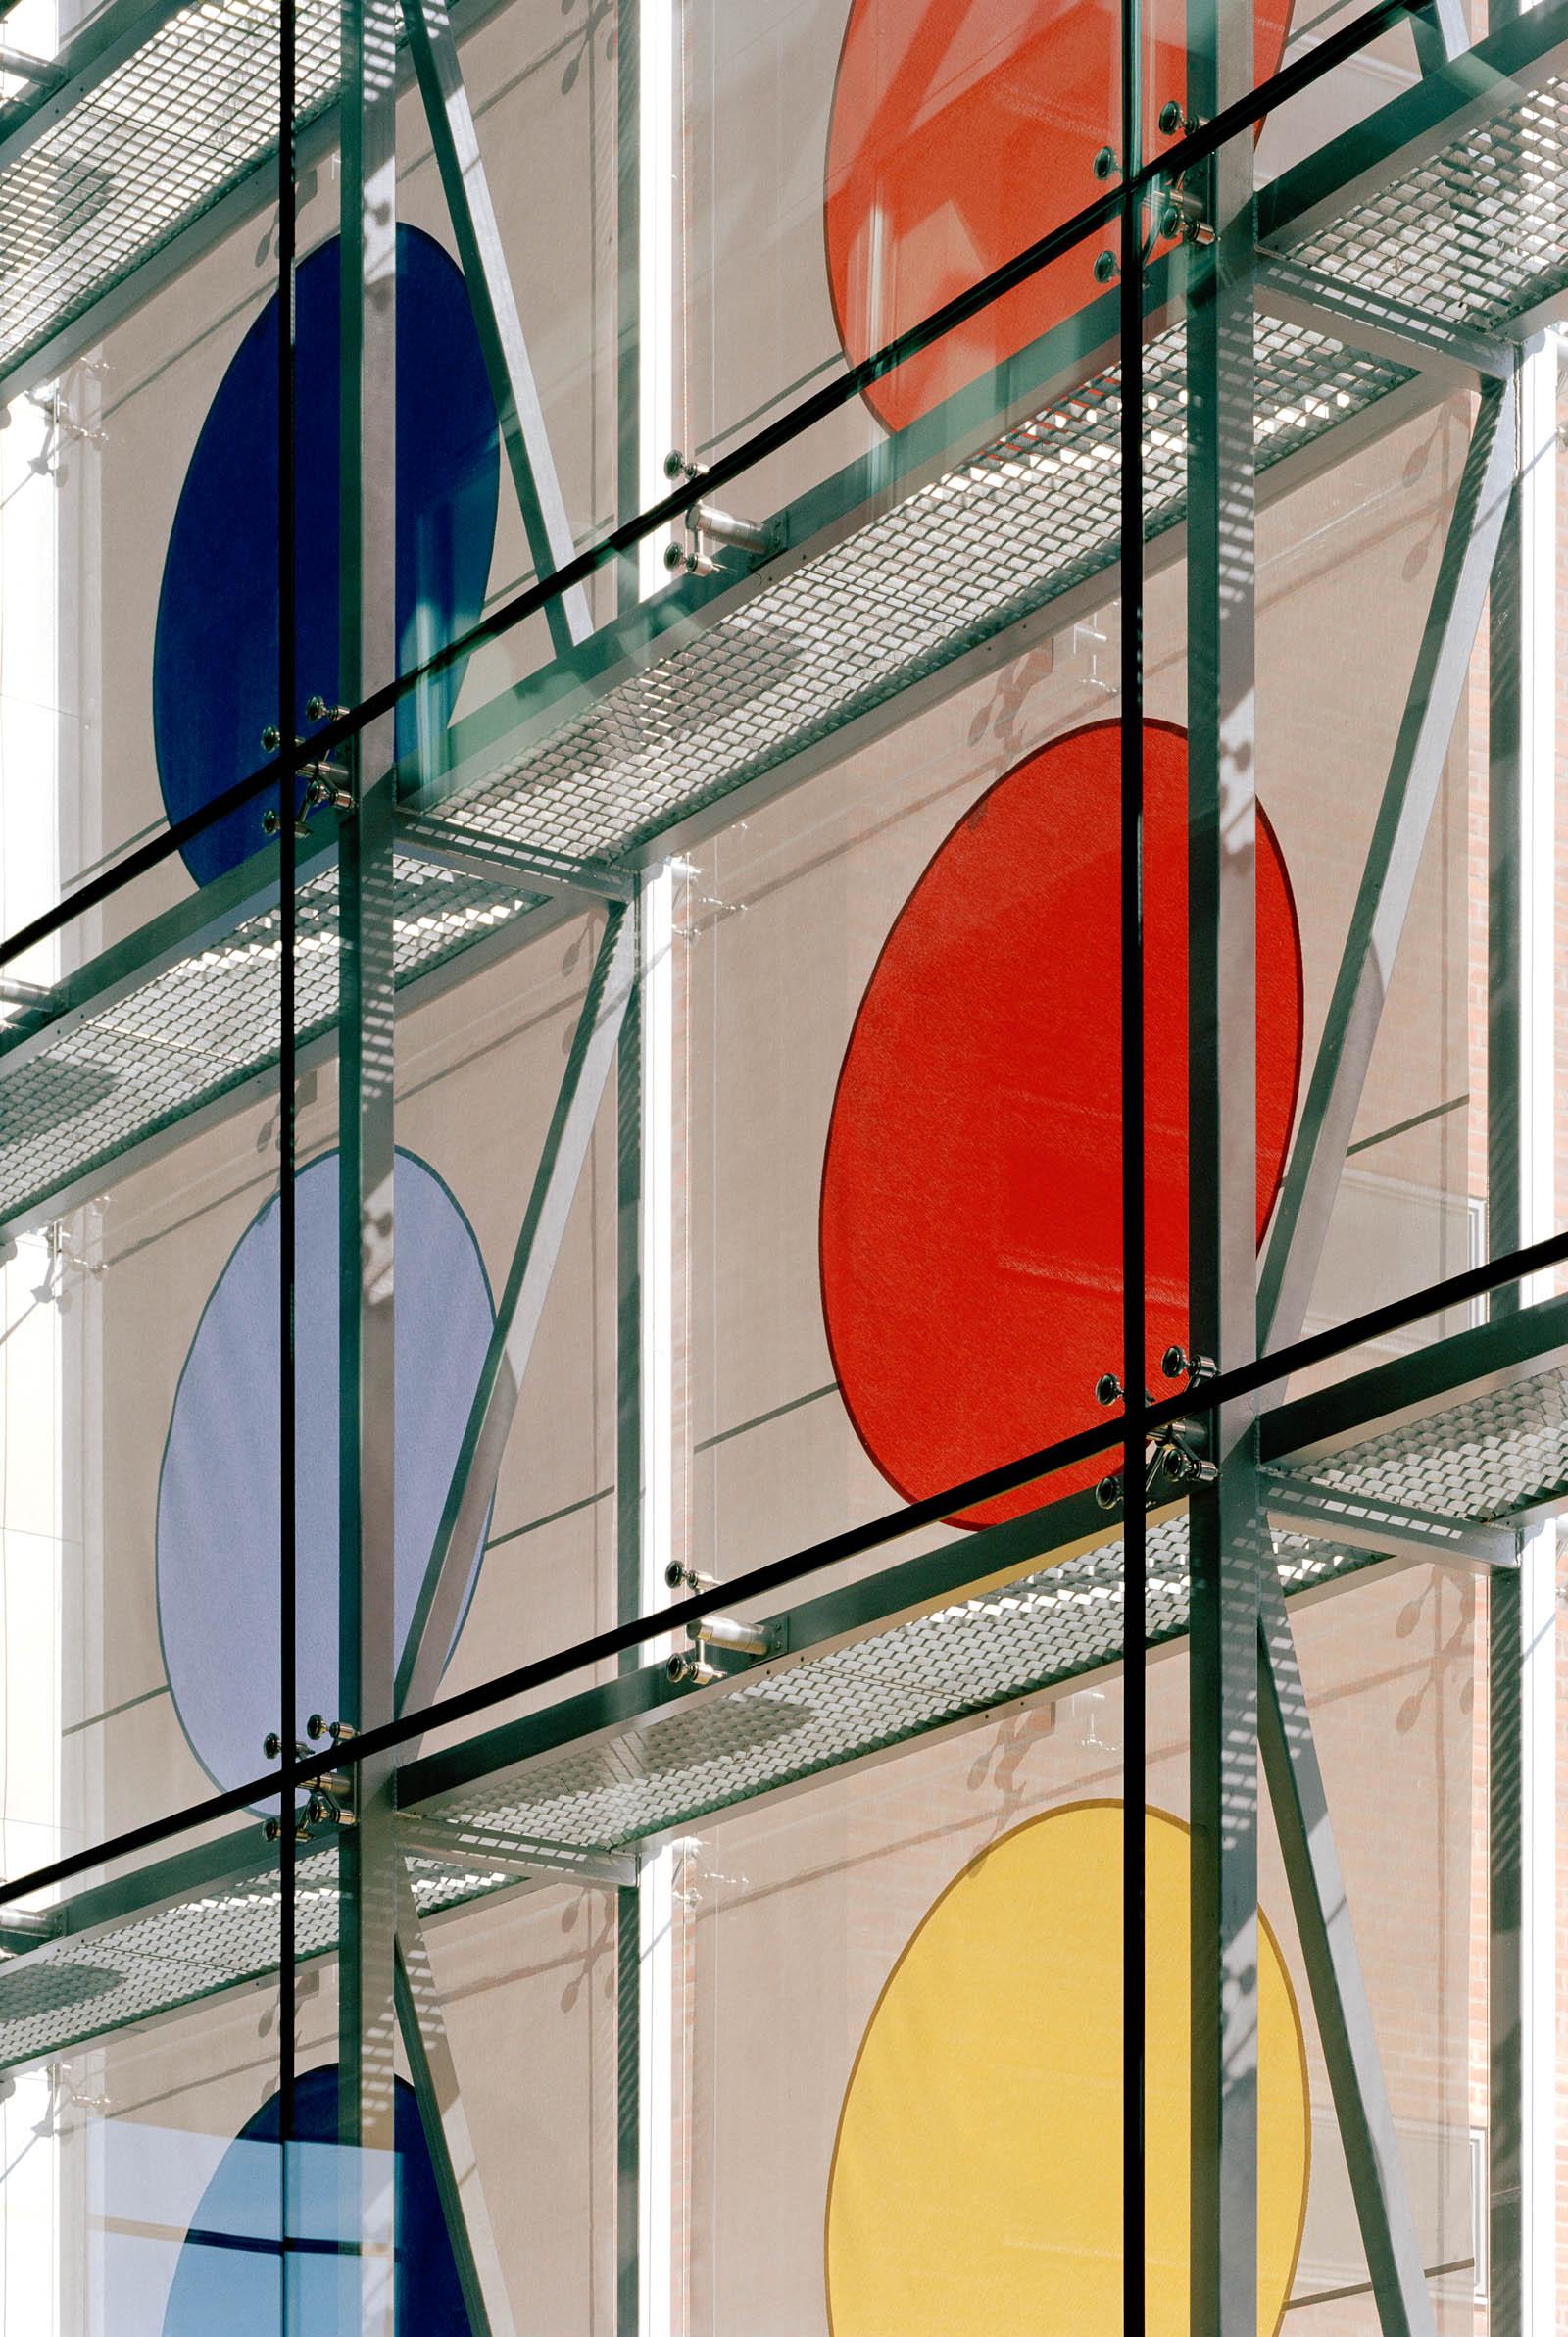 Detalj av solavskärmningen från insidan, med färgglada prickar och lyftmekanismen. Kontrapunkt, Eva Stephenson-Möller